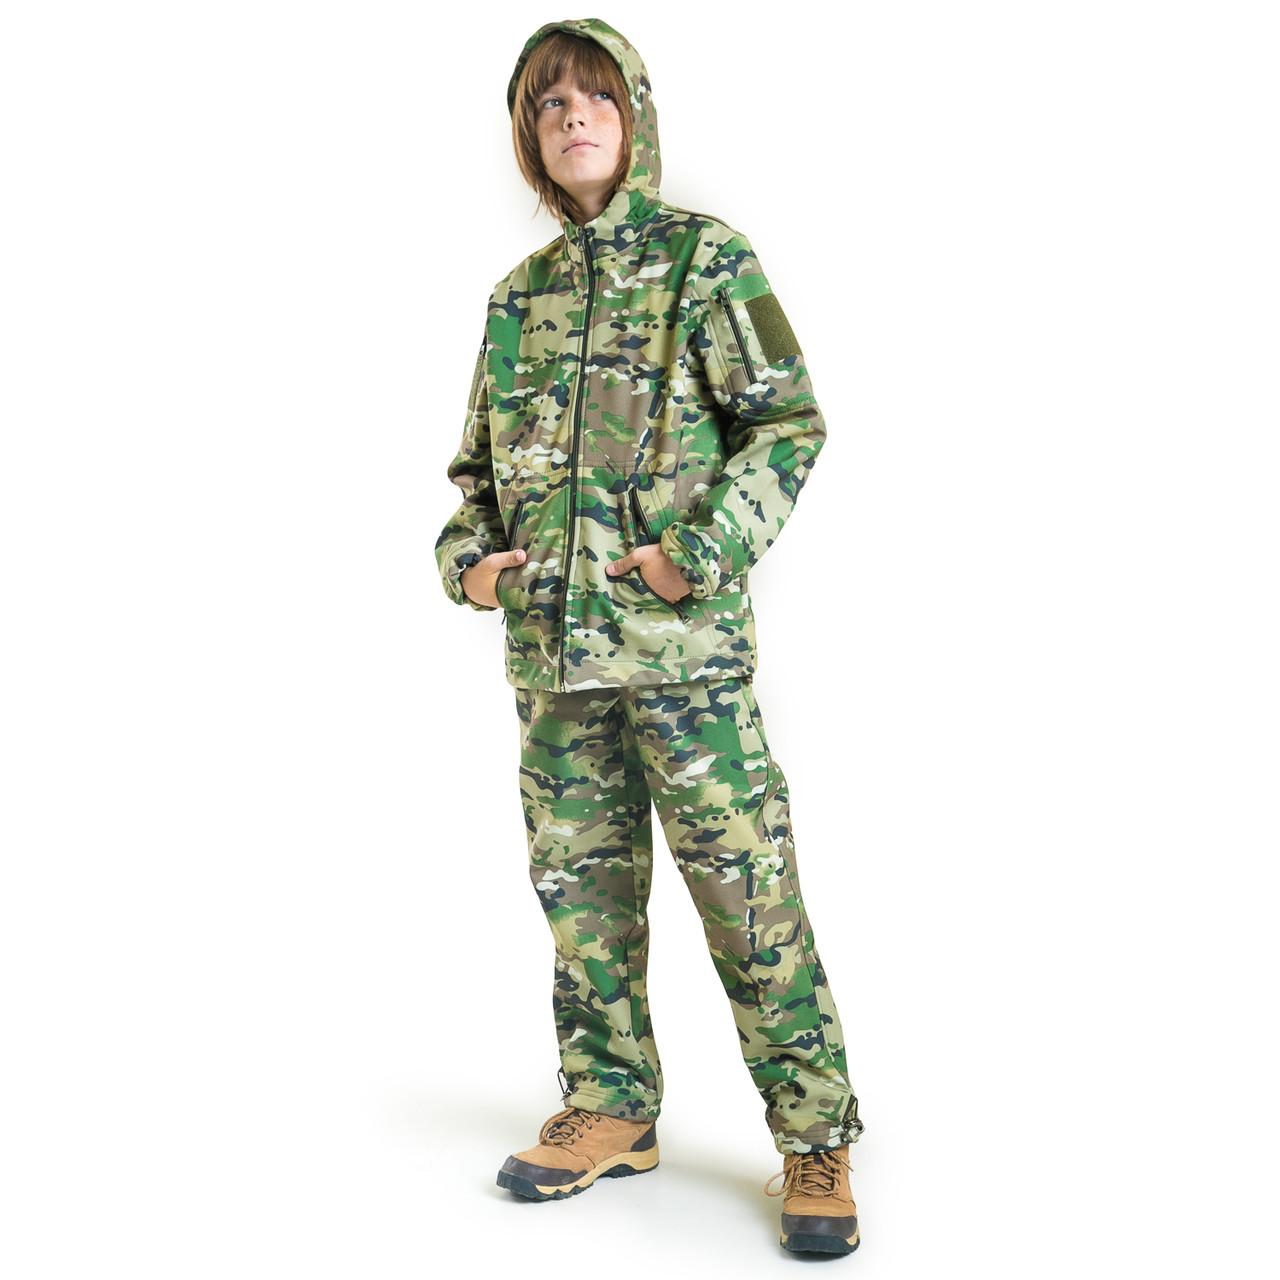 Военный детский костюм теплый Вулкан Soft-Shell камуфляж MTP